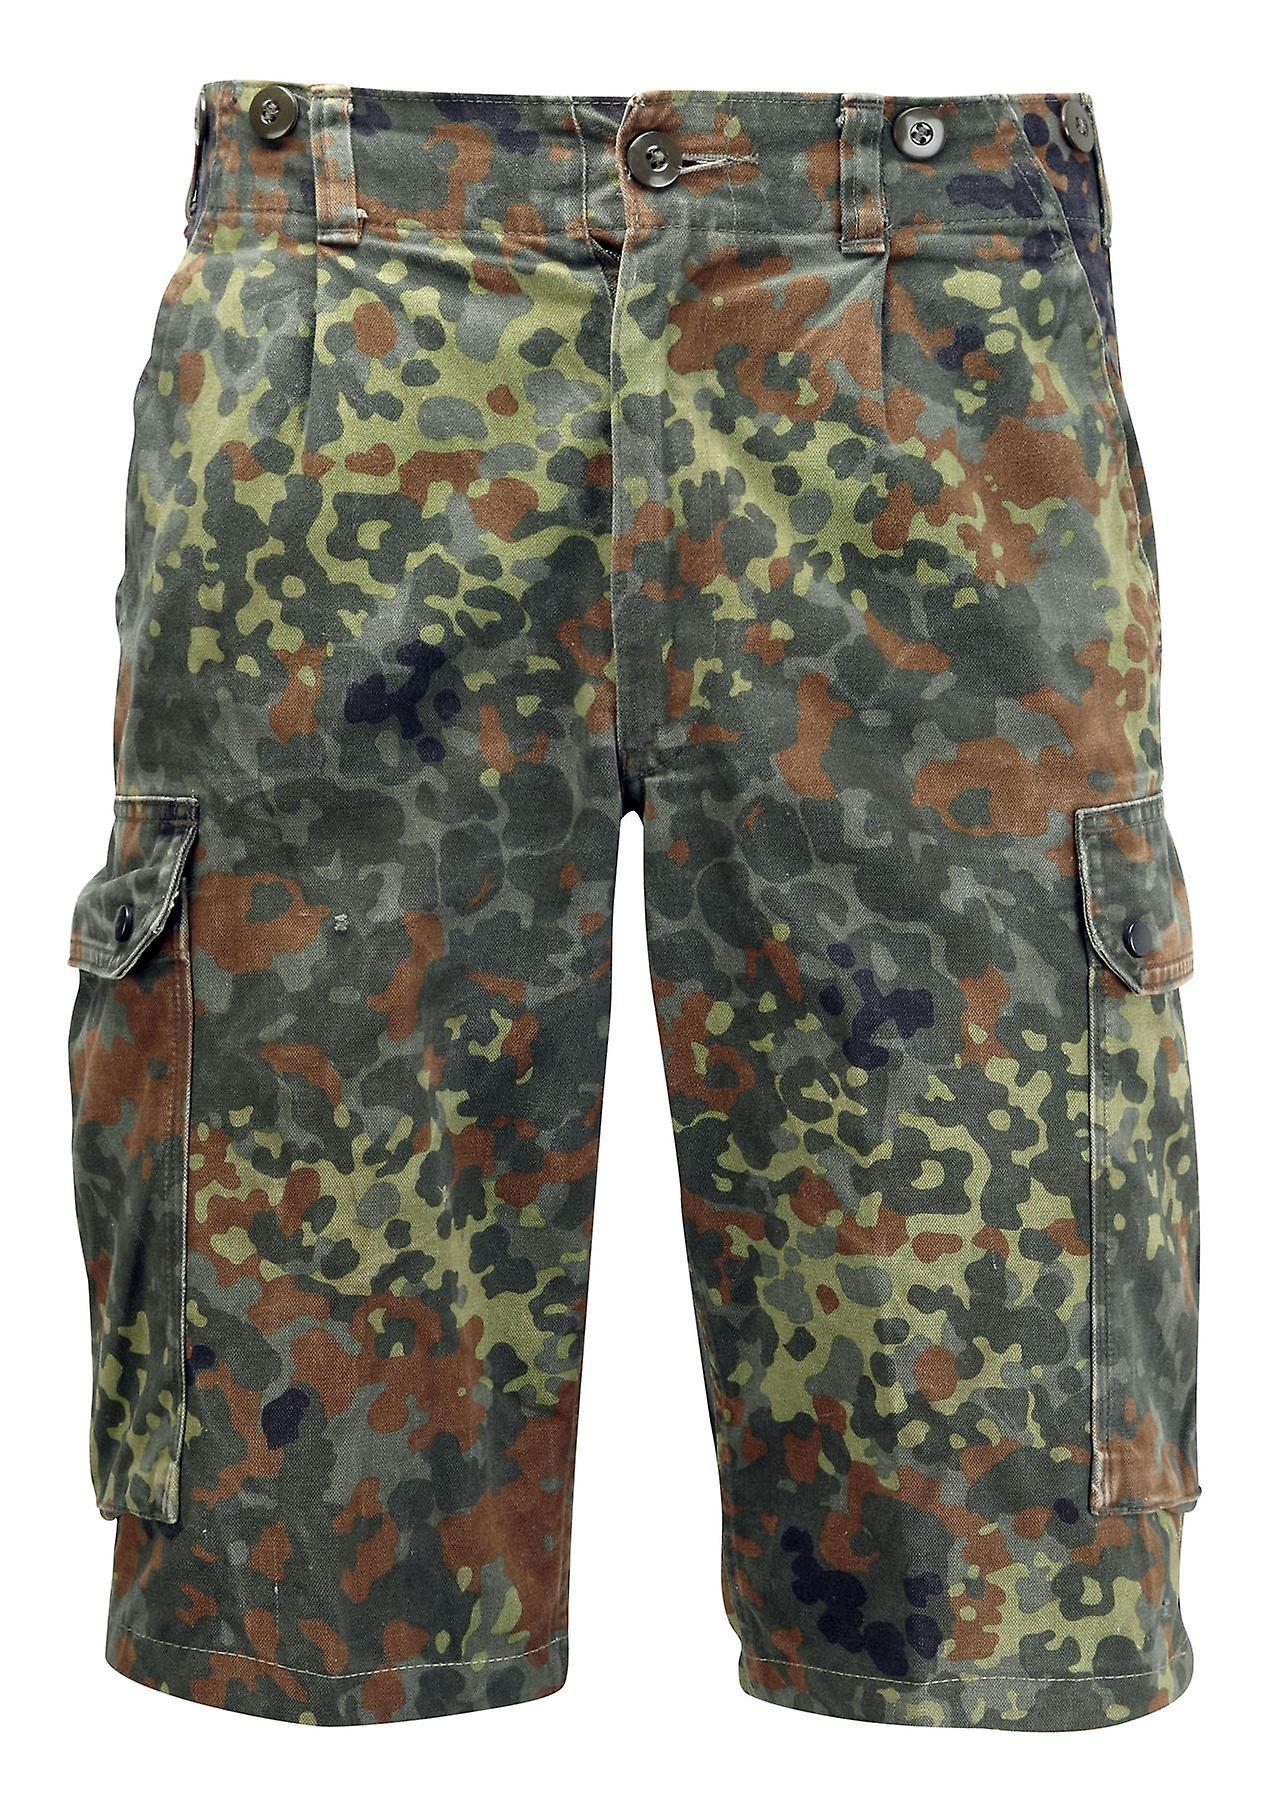 Genuine Vintage German Military Shorts